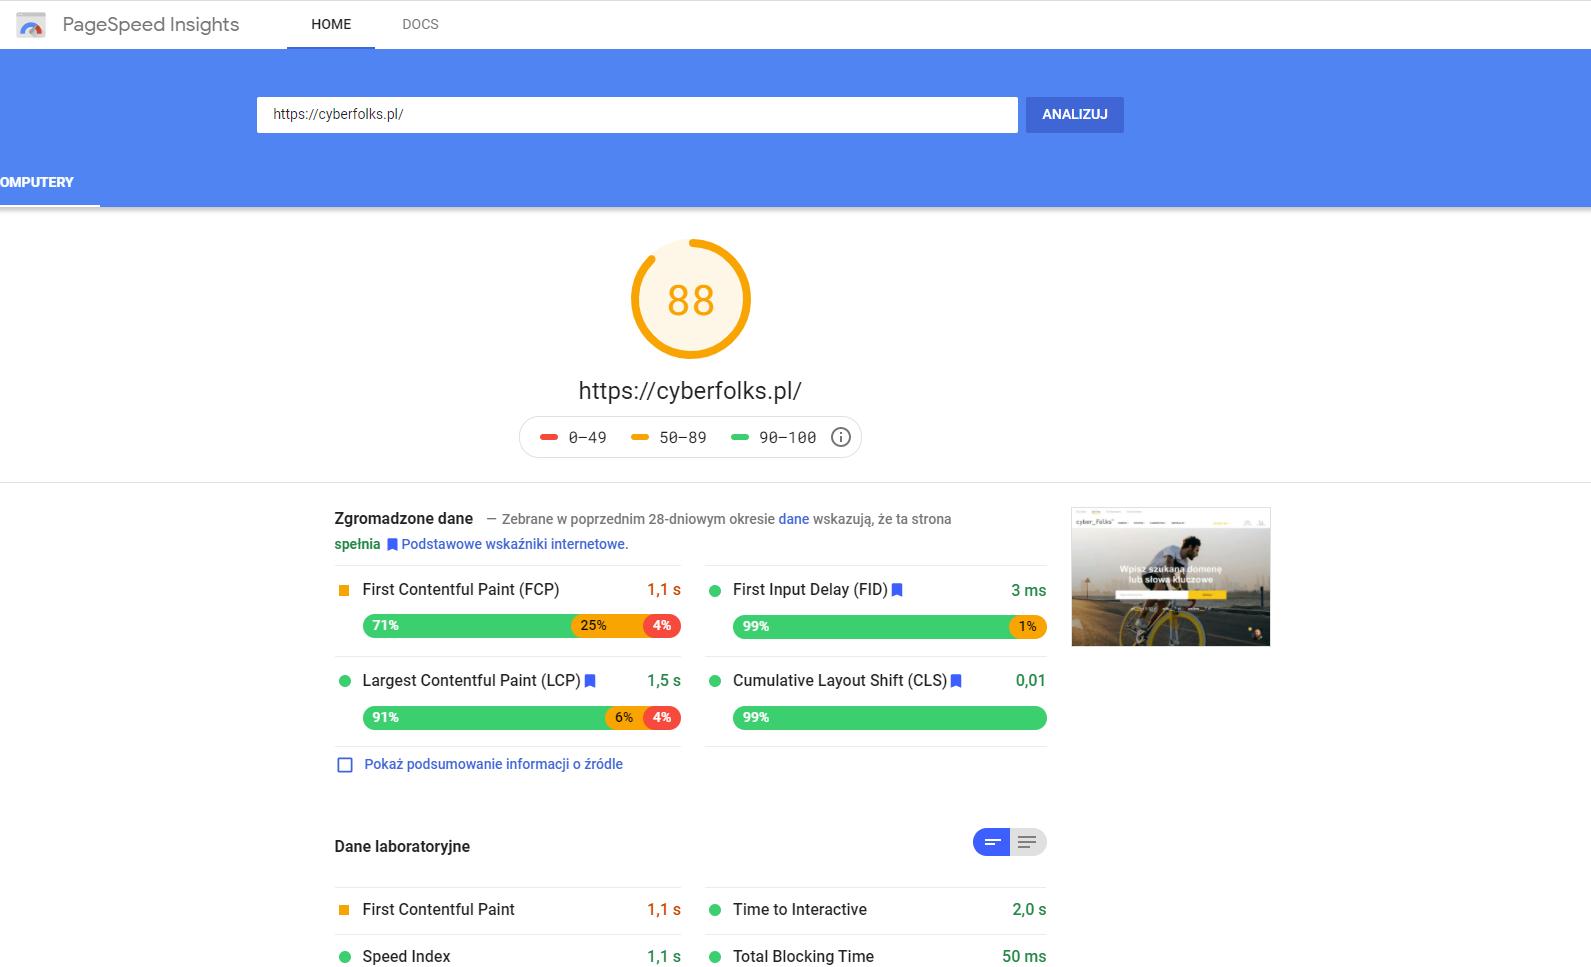 Hosting seo a pomiar core web vitals - są one widoczne już w PageSpeed Insights